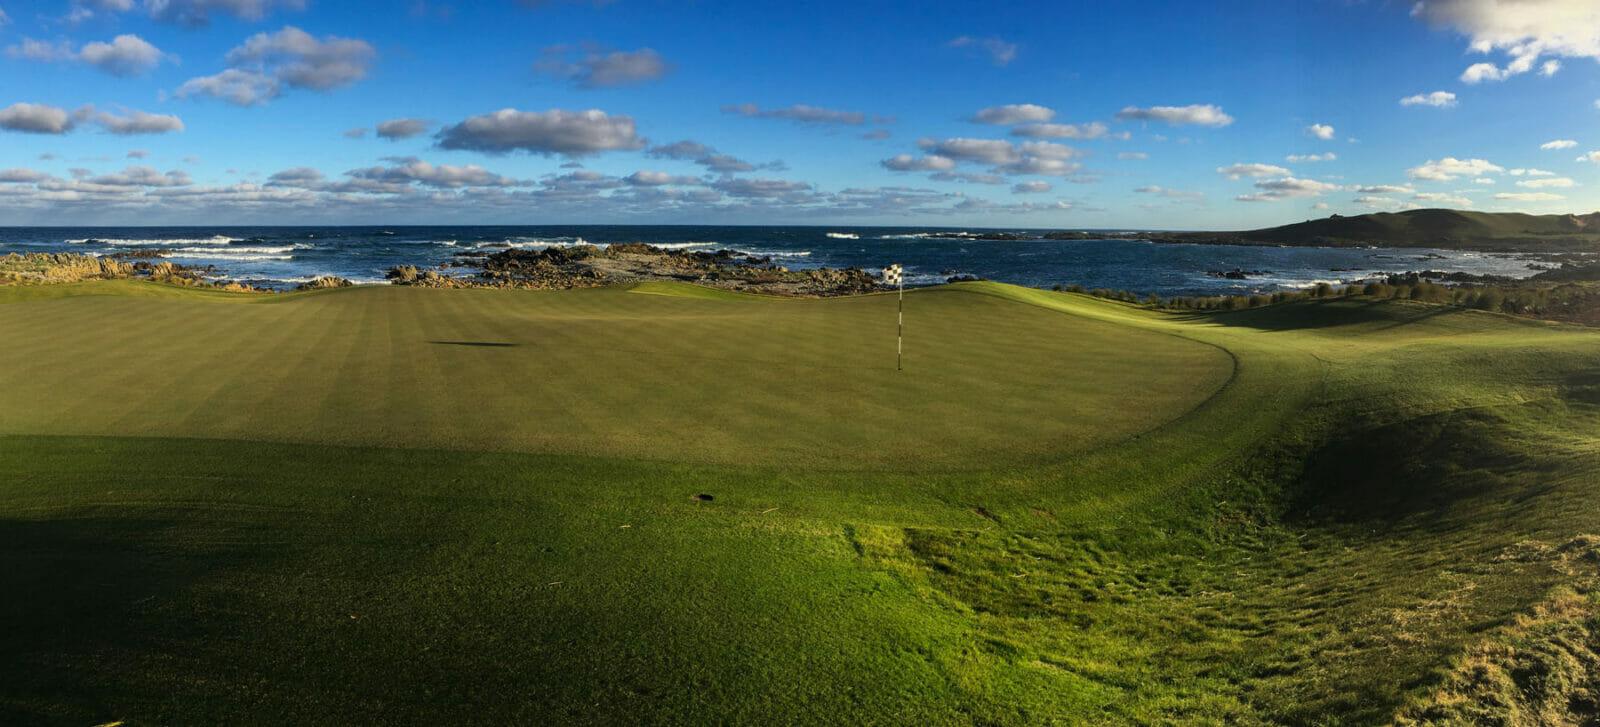 Ocean Dunes golf course and Great Australian Ocean